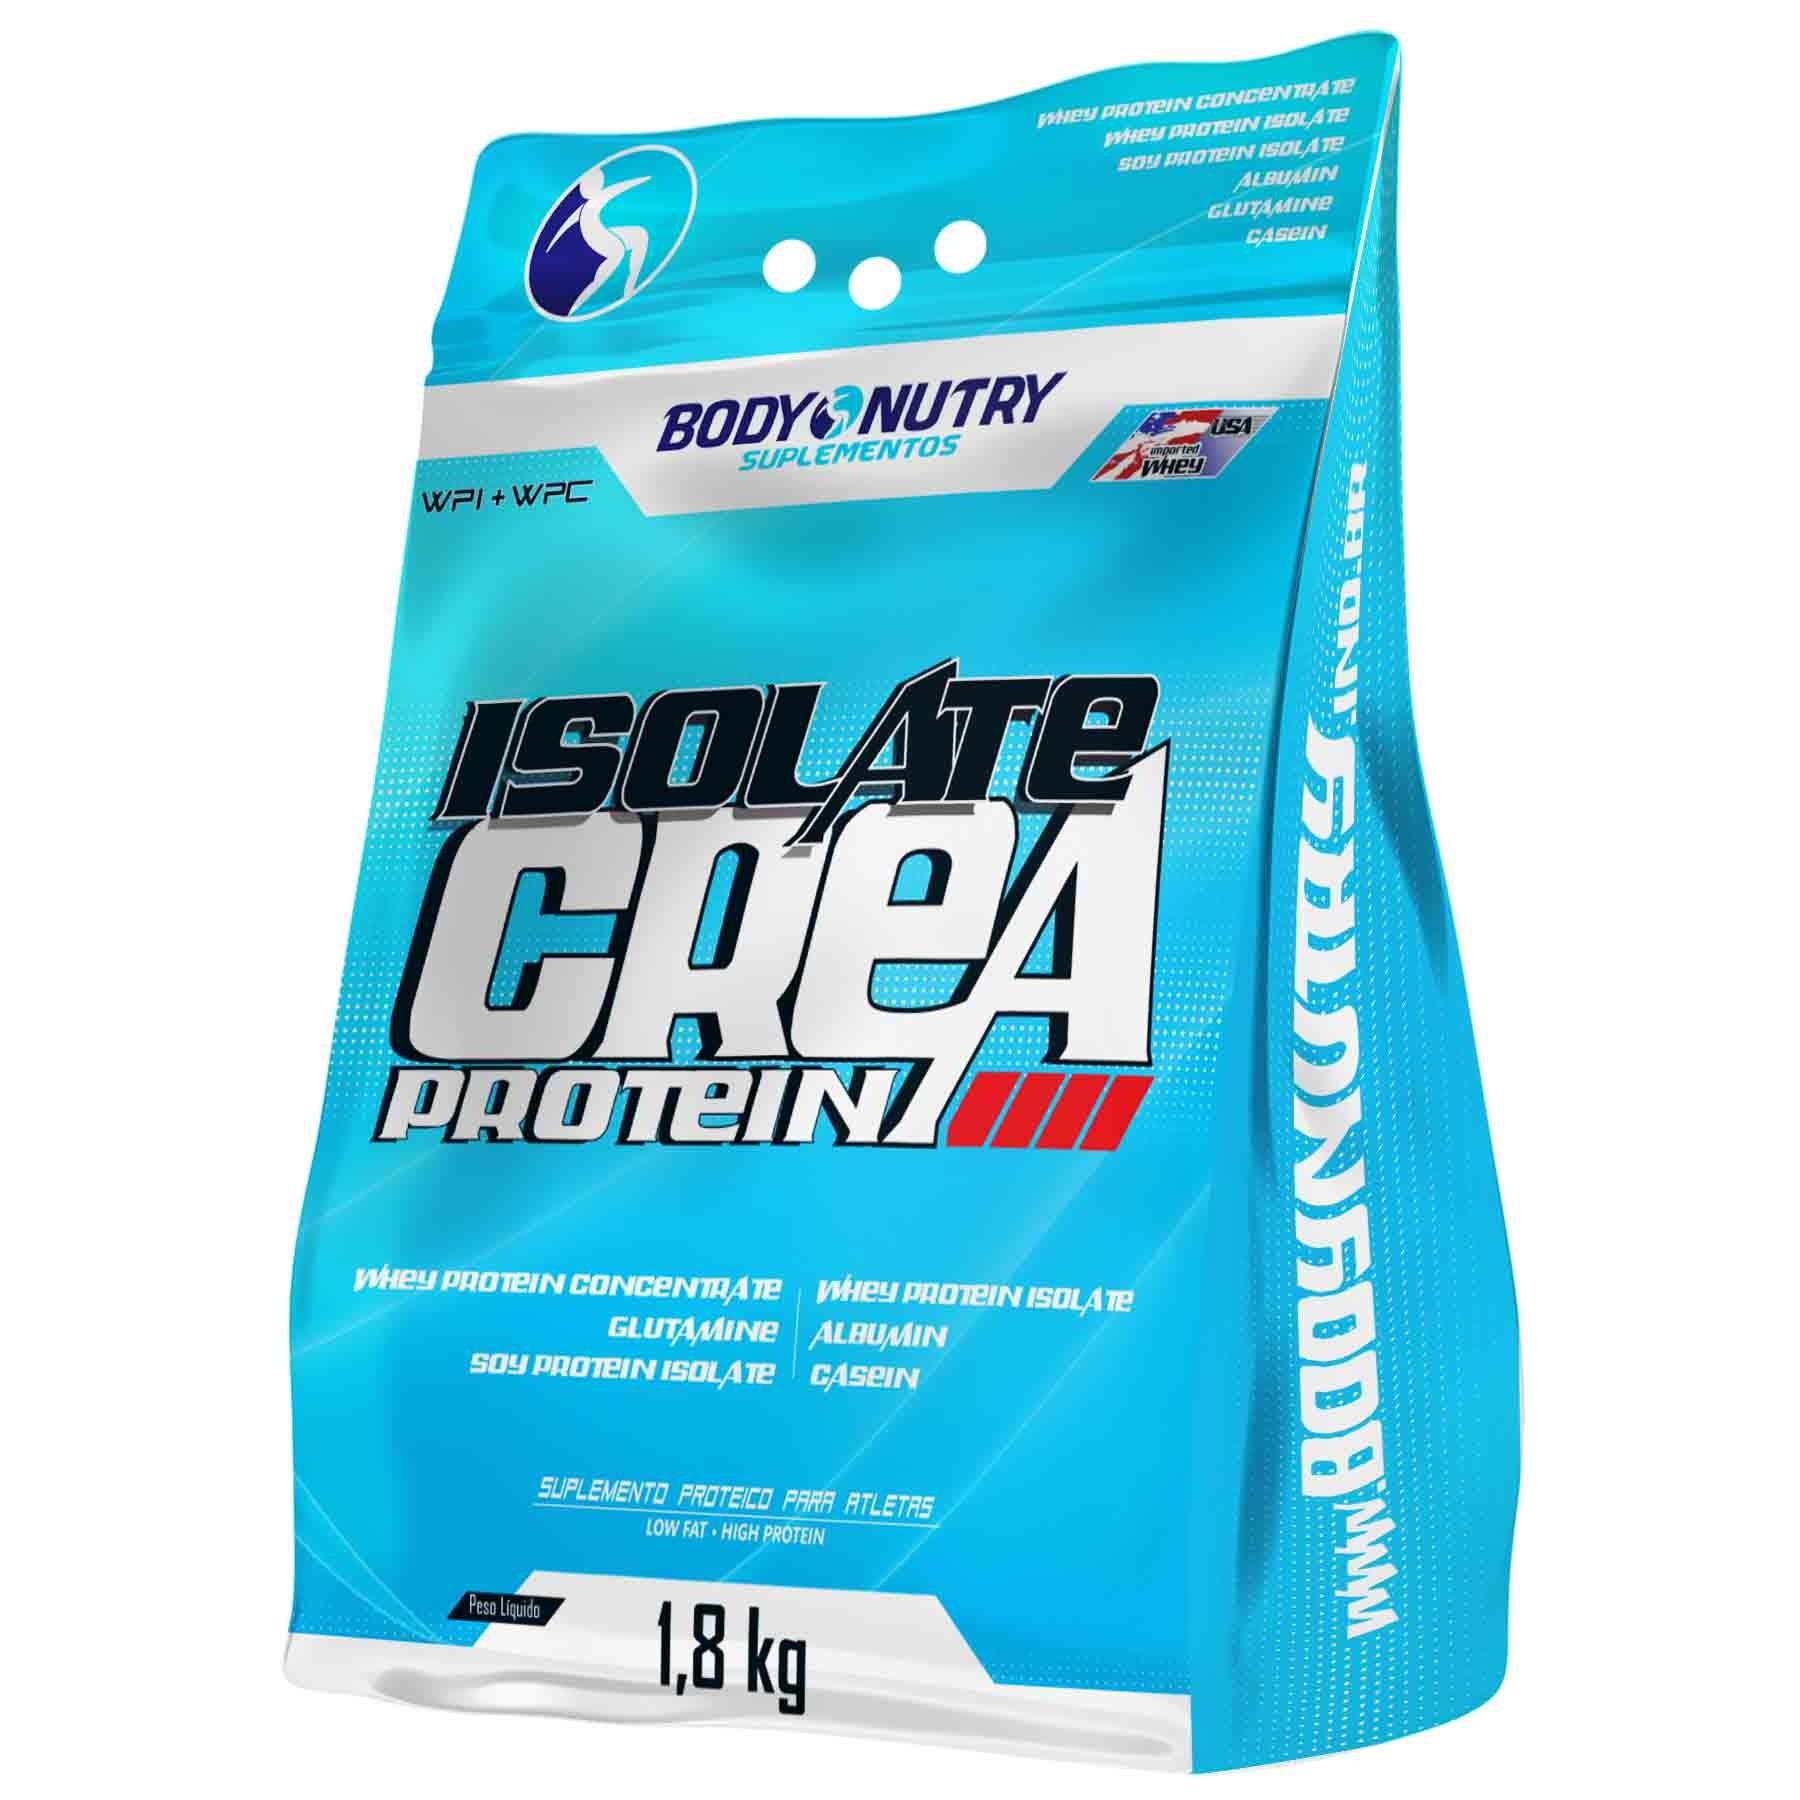 Isolate Crea Protein 1,8kgg Refil - Body Nutry